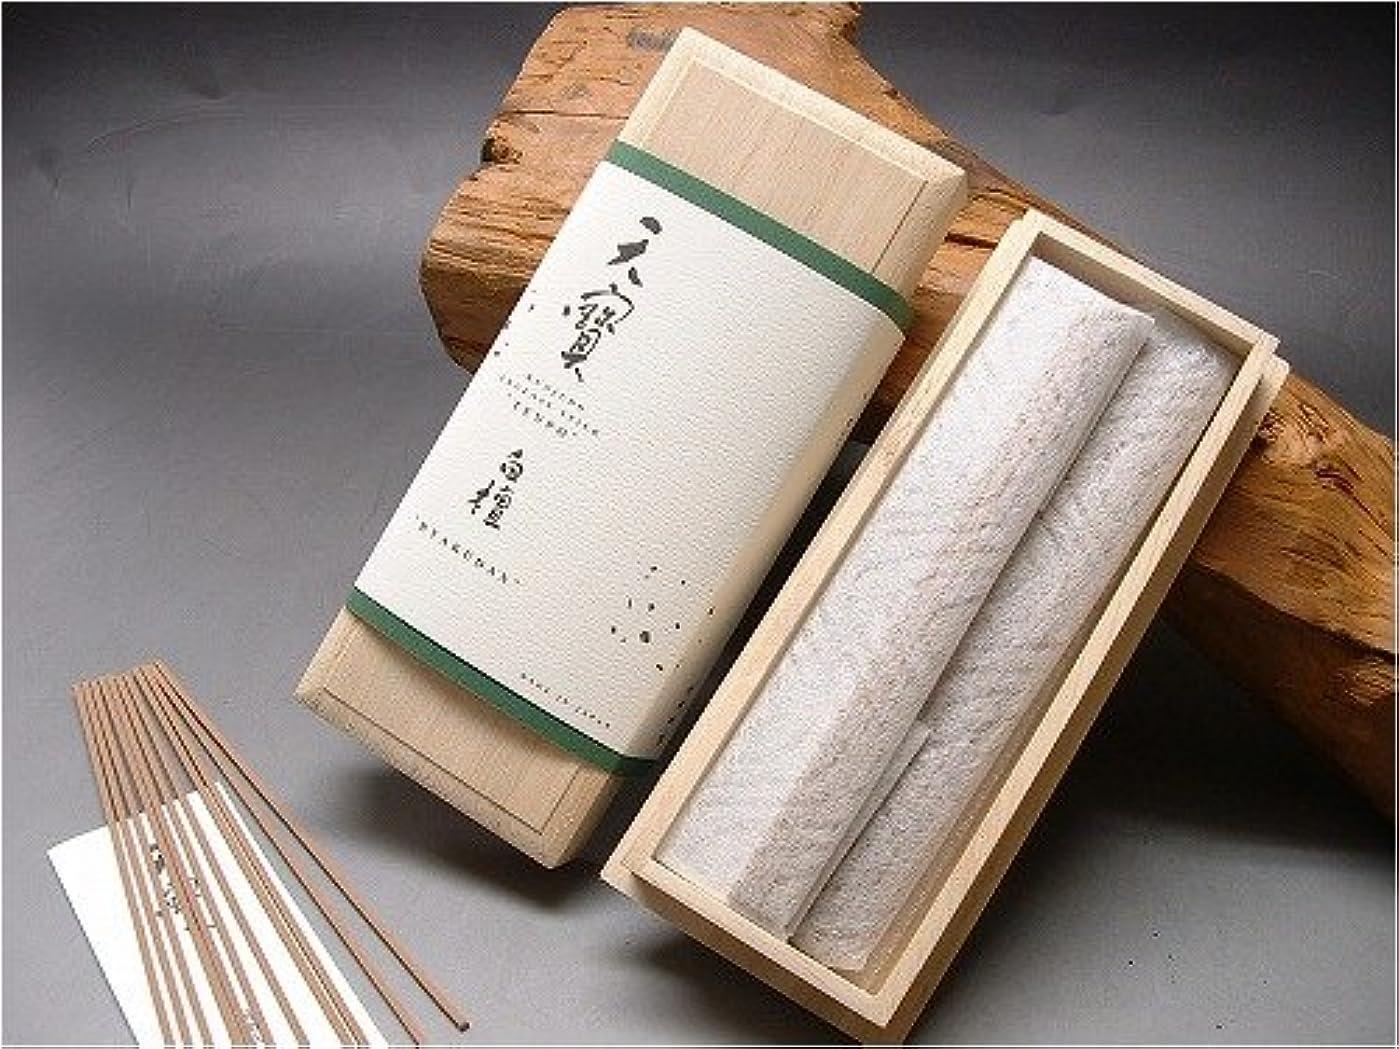 に対処する静かにアラート薫寿堂のお香 天寶 白檀 スティック型